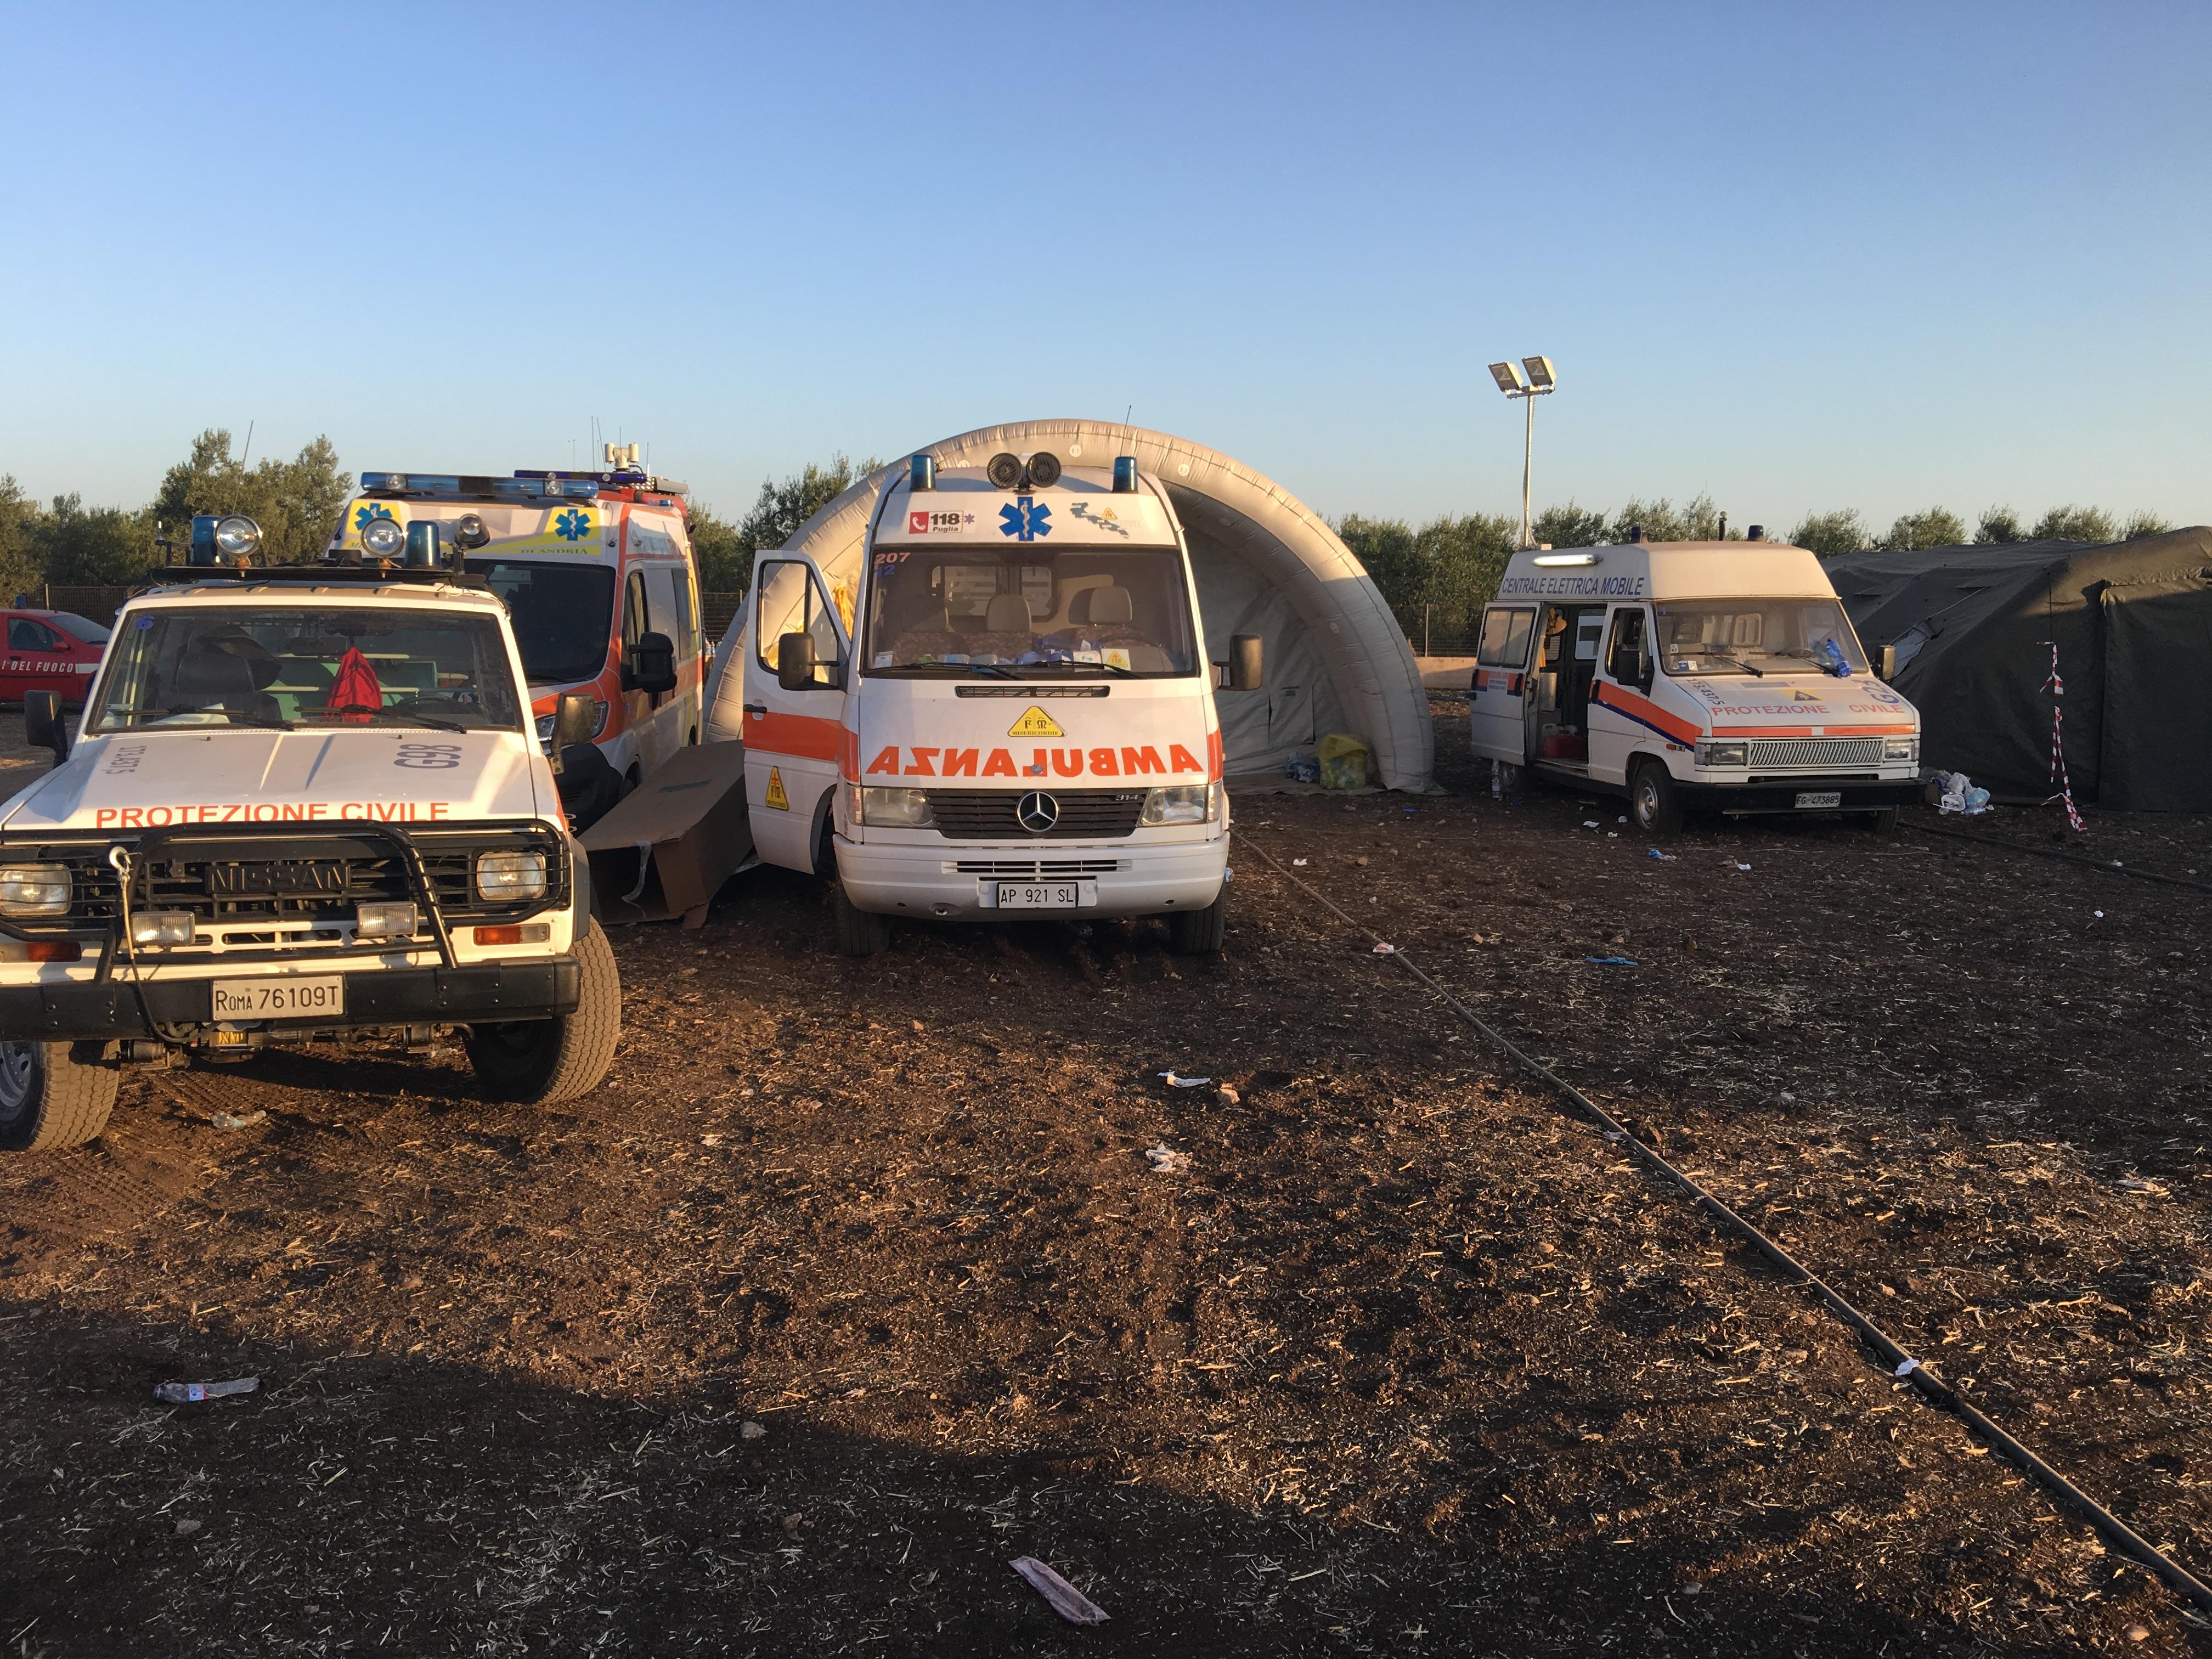 La strage ferroviaria di Corato: il report dalle prime ambulanze sul posto, della Misericordia di Andria   Emergency Live 2